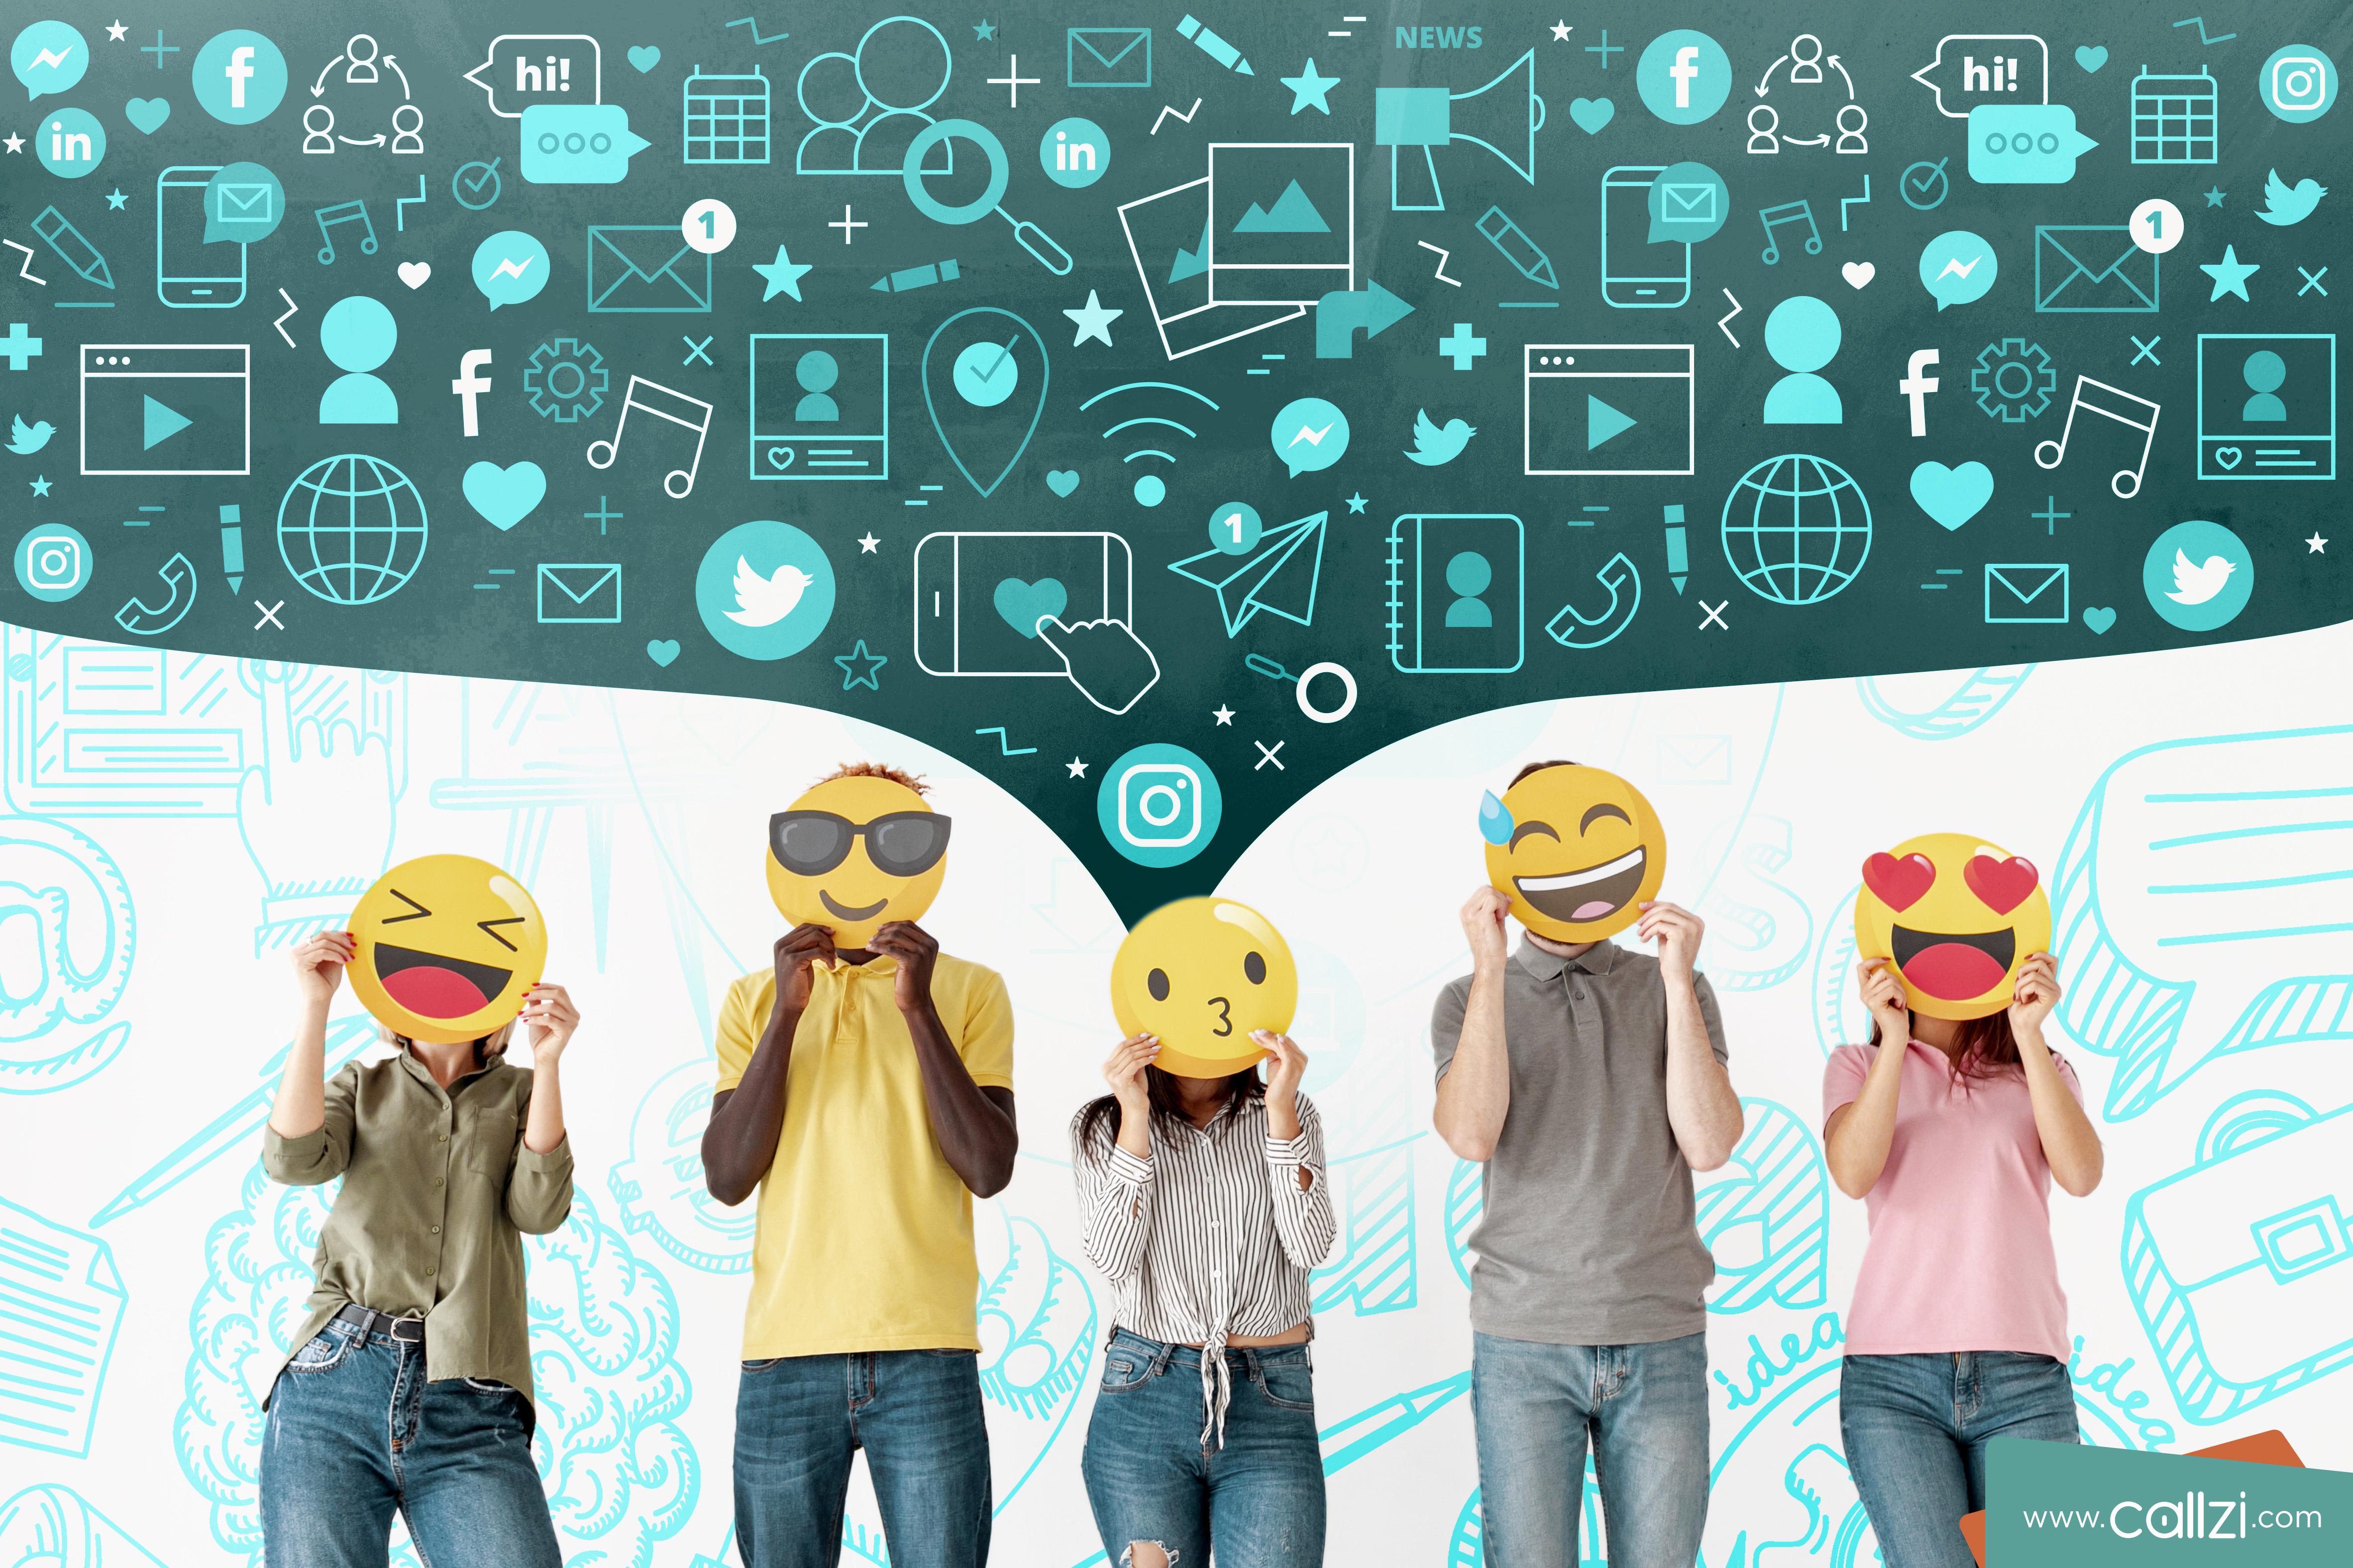 ¿En qué red social debo posicionar mi marca?